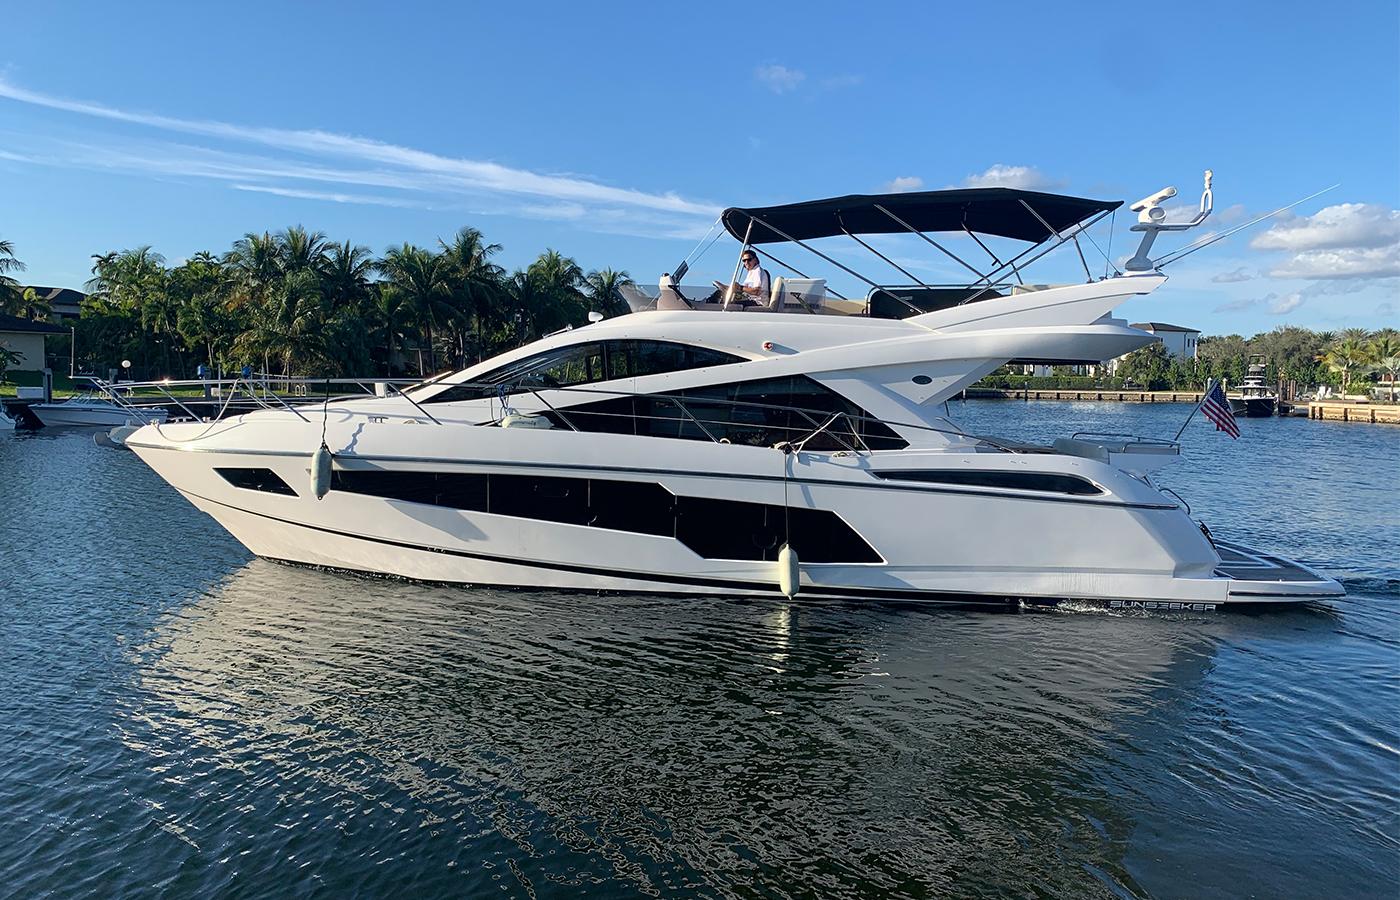 55 Sunseeker Motor Yacht Sold By Jordan Preusz